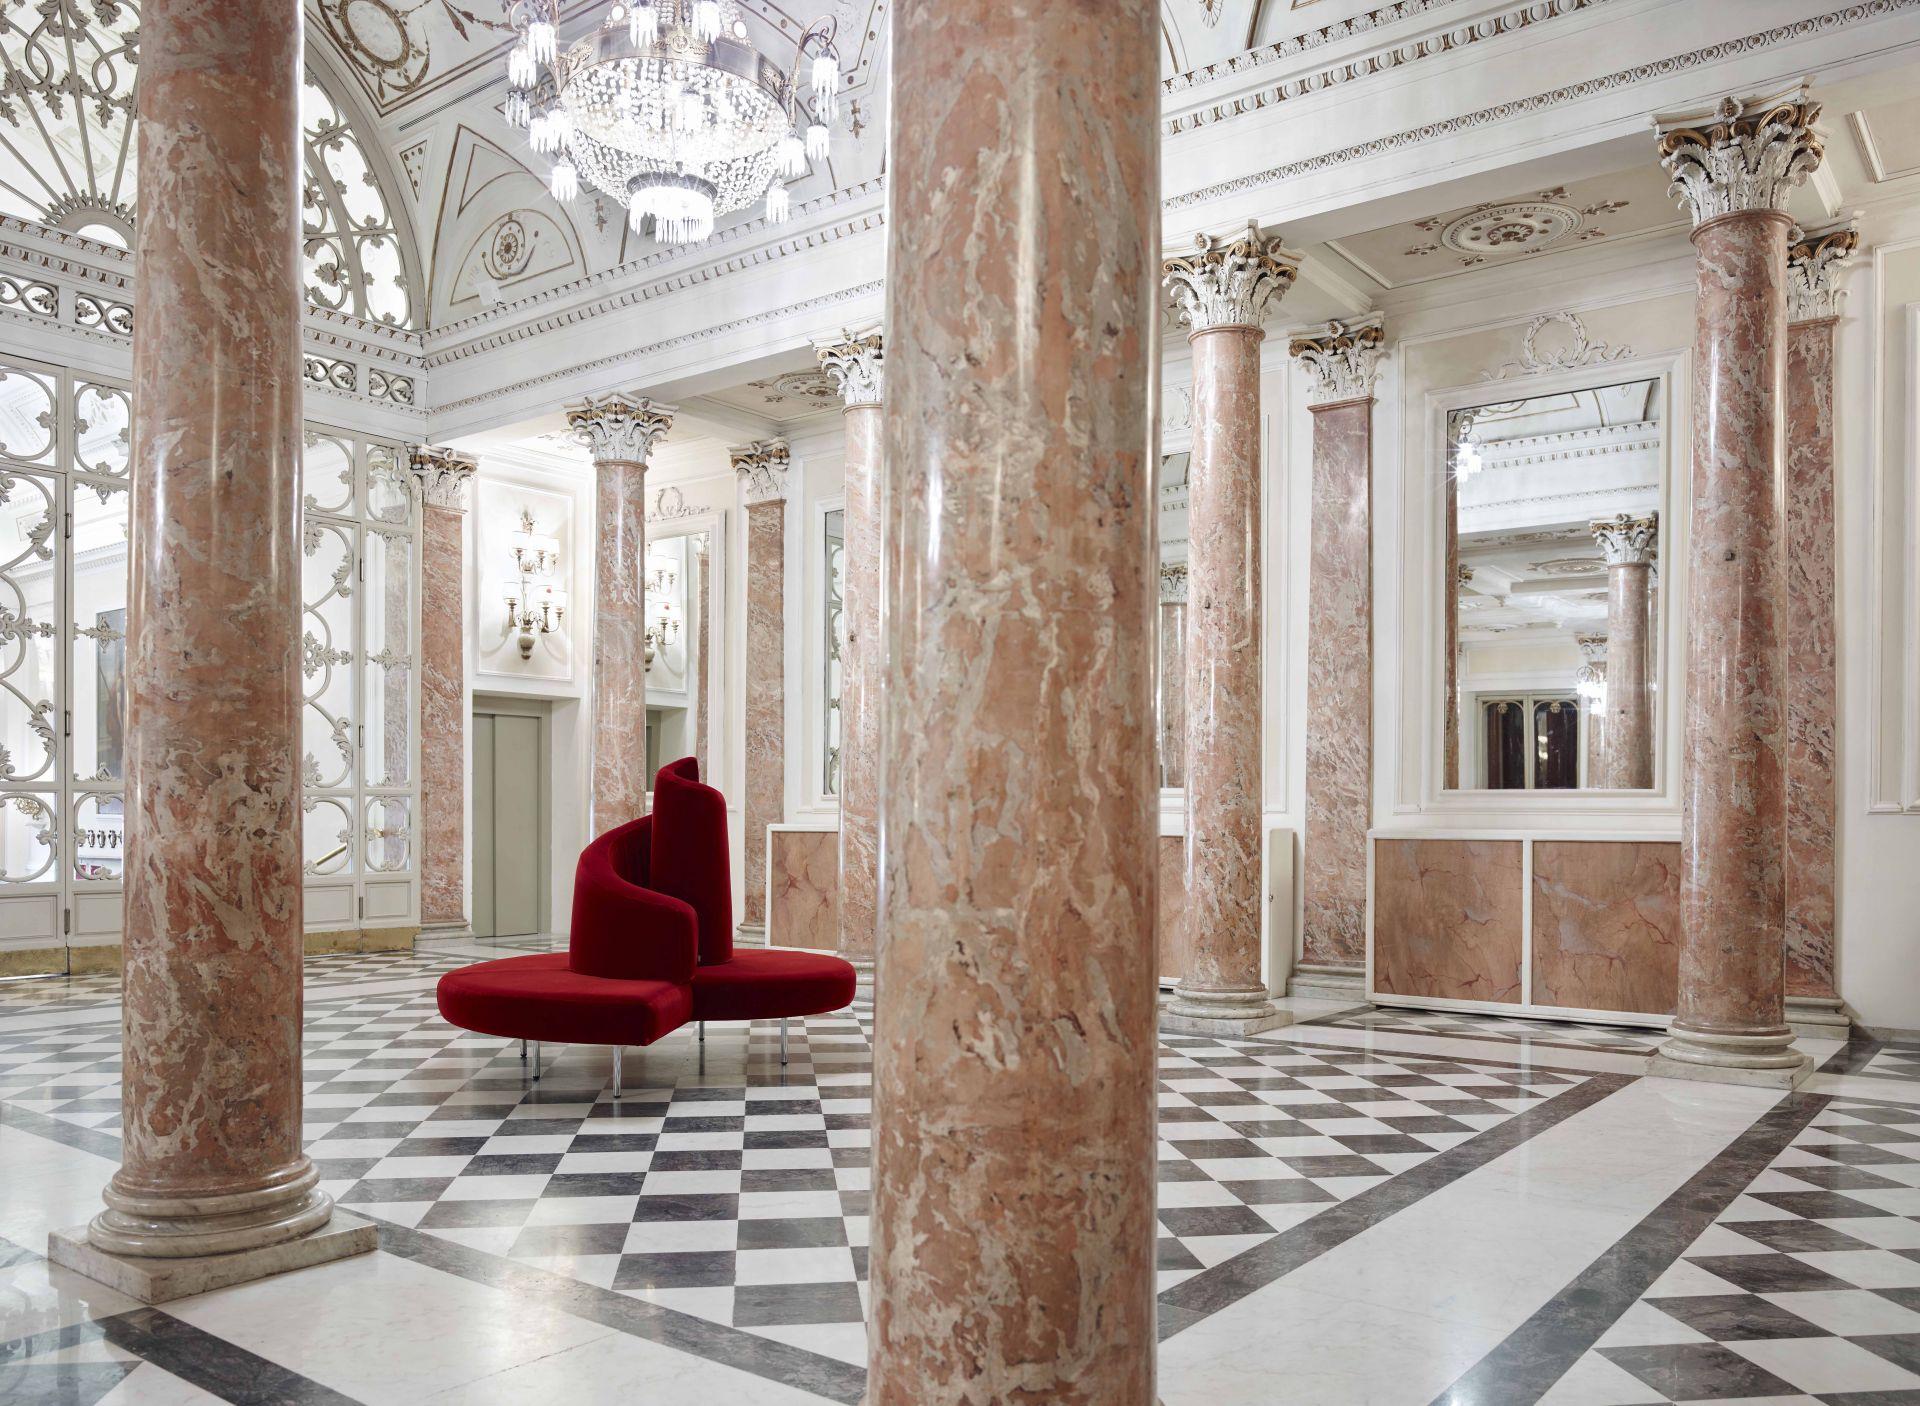 Teatro La Pergola - image 4